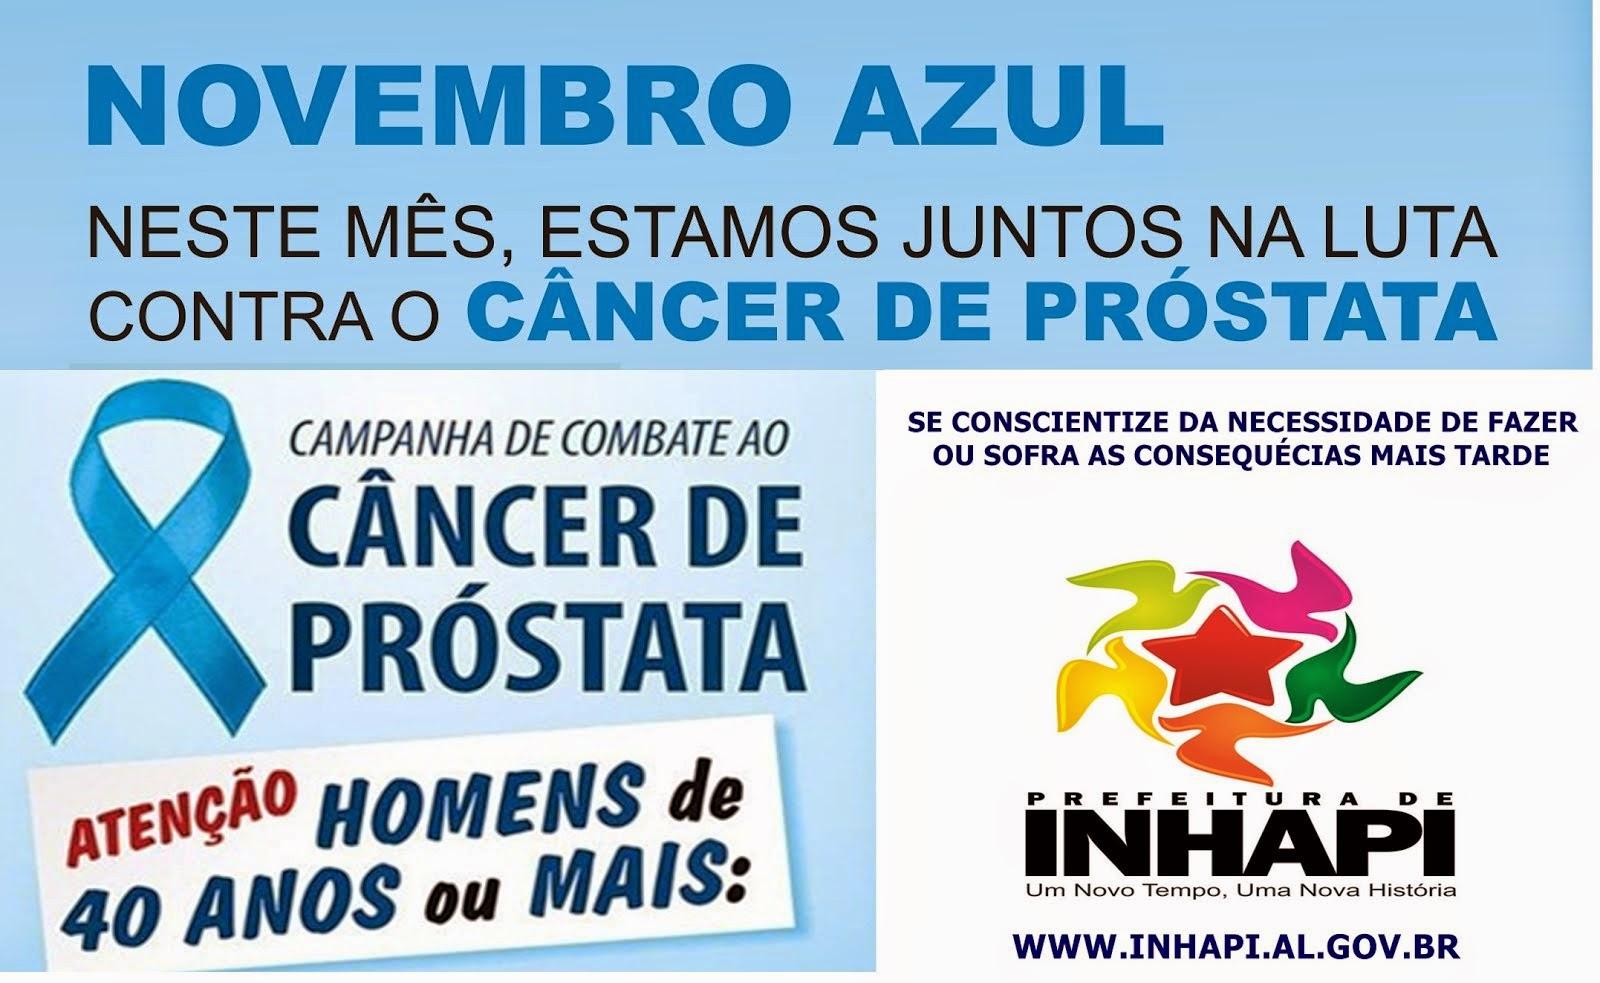 Novembro Azul: neste mês, estamos juntos na luta contra o câncer de próstata